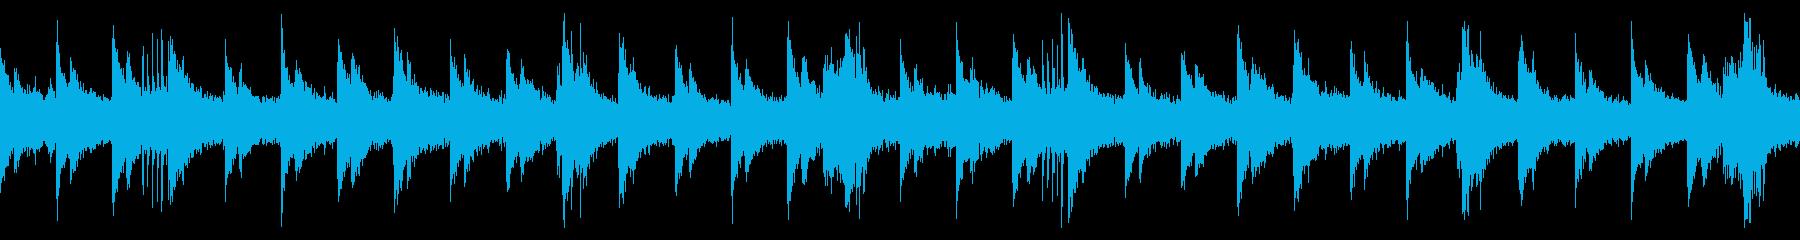 音数が極端に少ないので恐怖感を煽りますの再生済みの波形